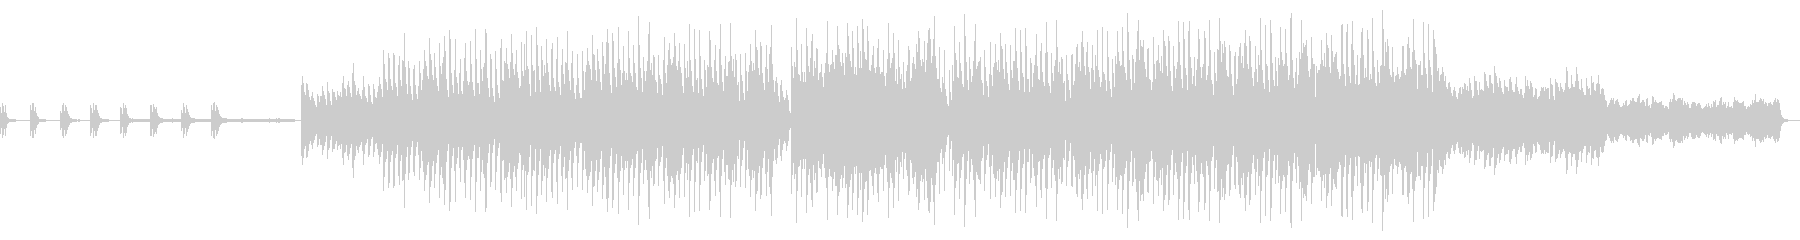 幻想的な世界観を表現したピアノ曲の未再生の波形